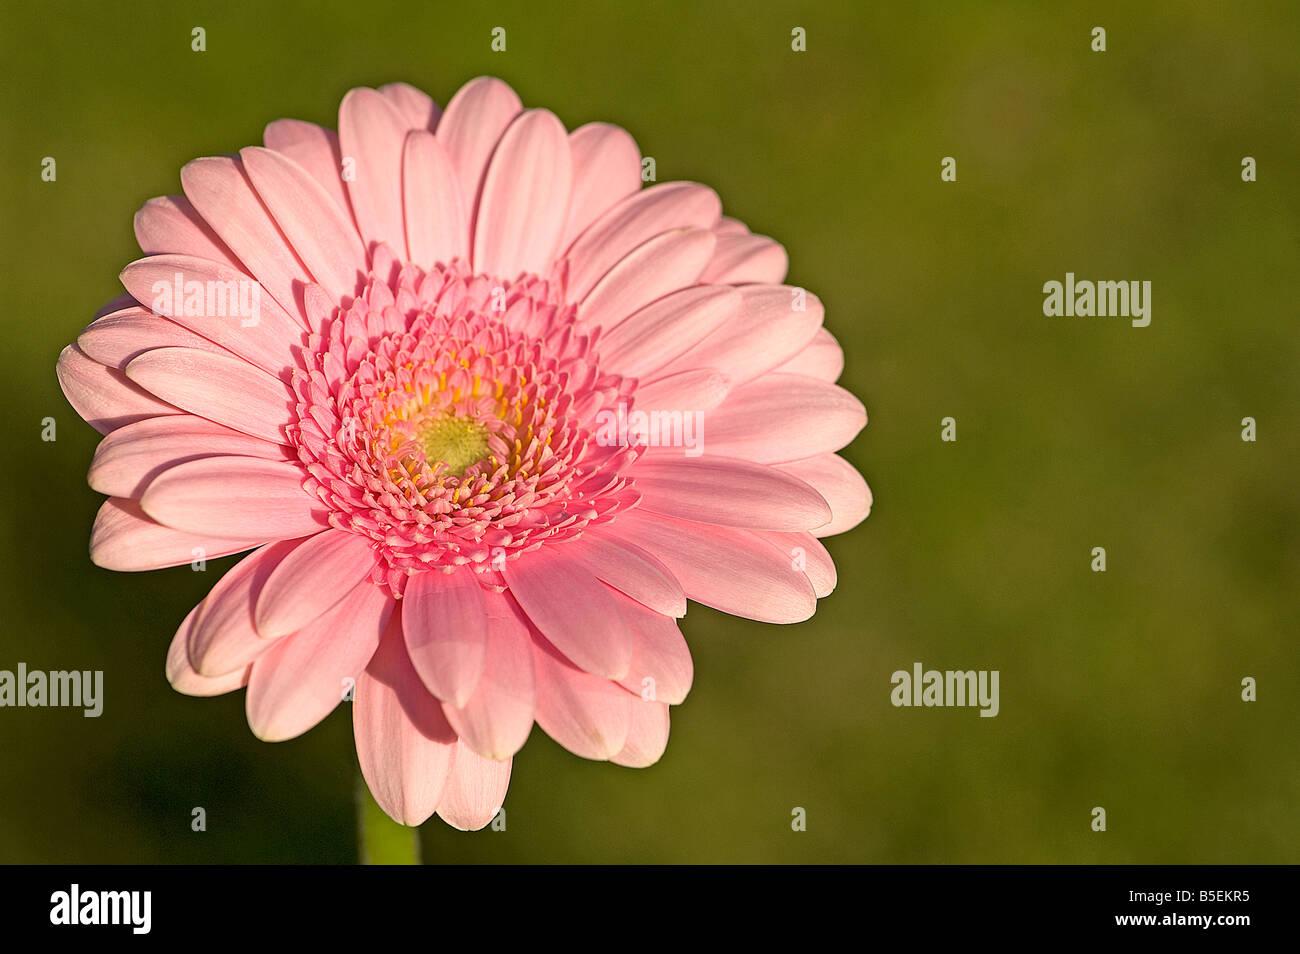 Rosa Gerbera zeigt radiale Symmetrie Disc und Ray Röschen typisch für Familie Korbblütler Stockbild